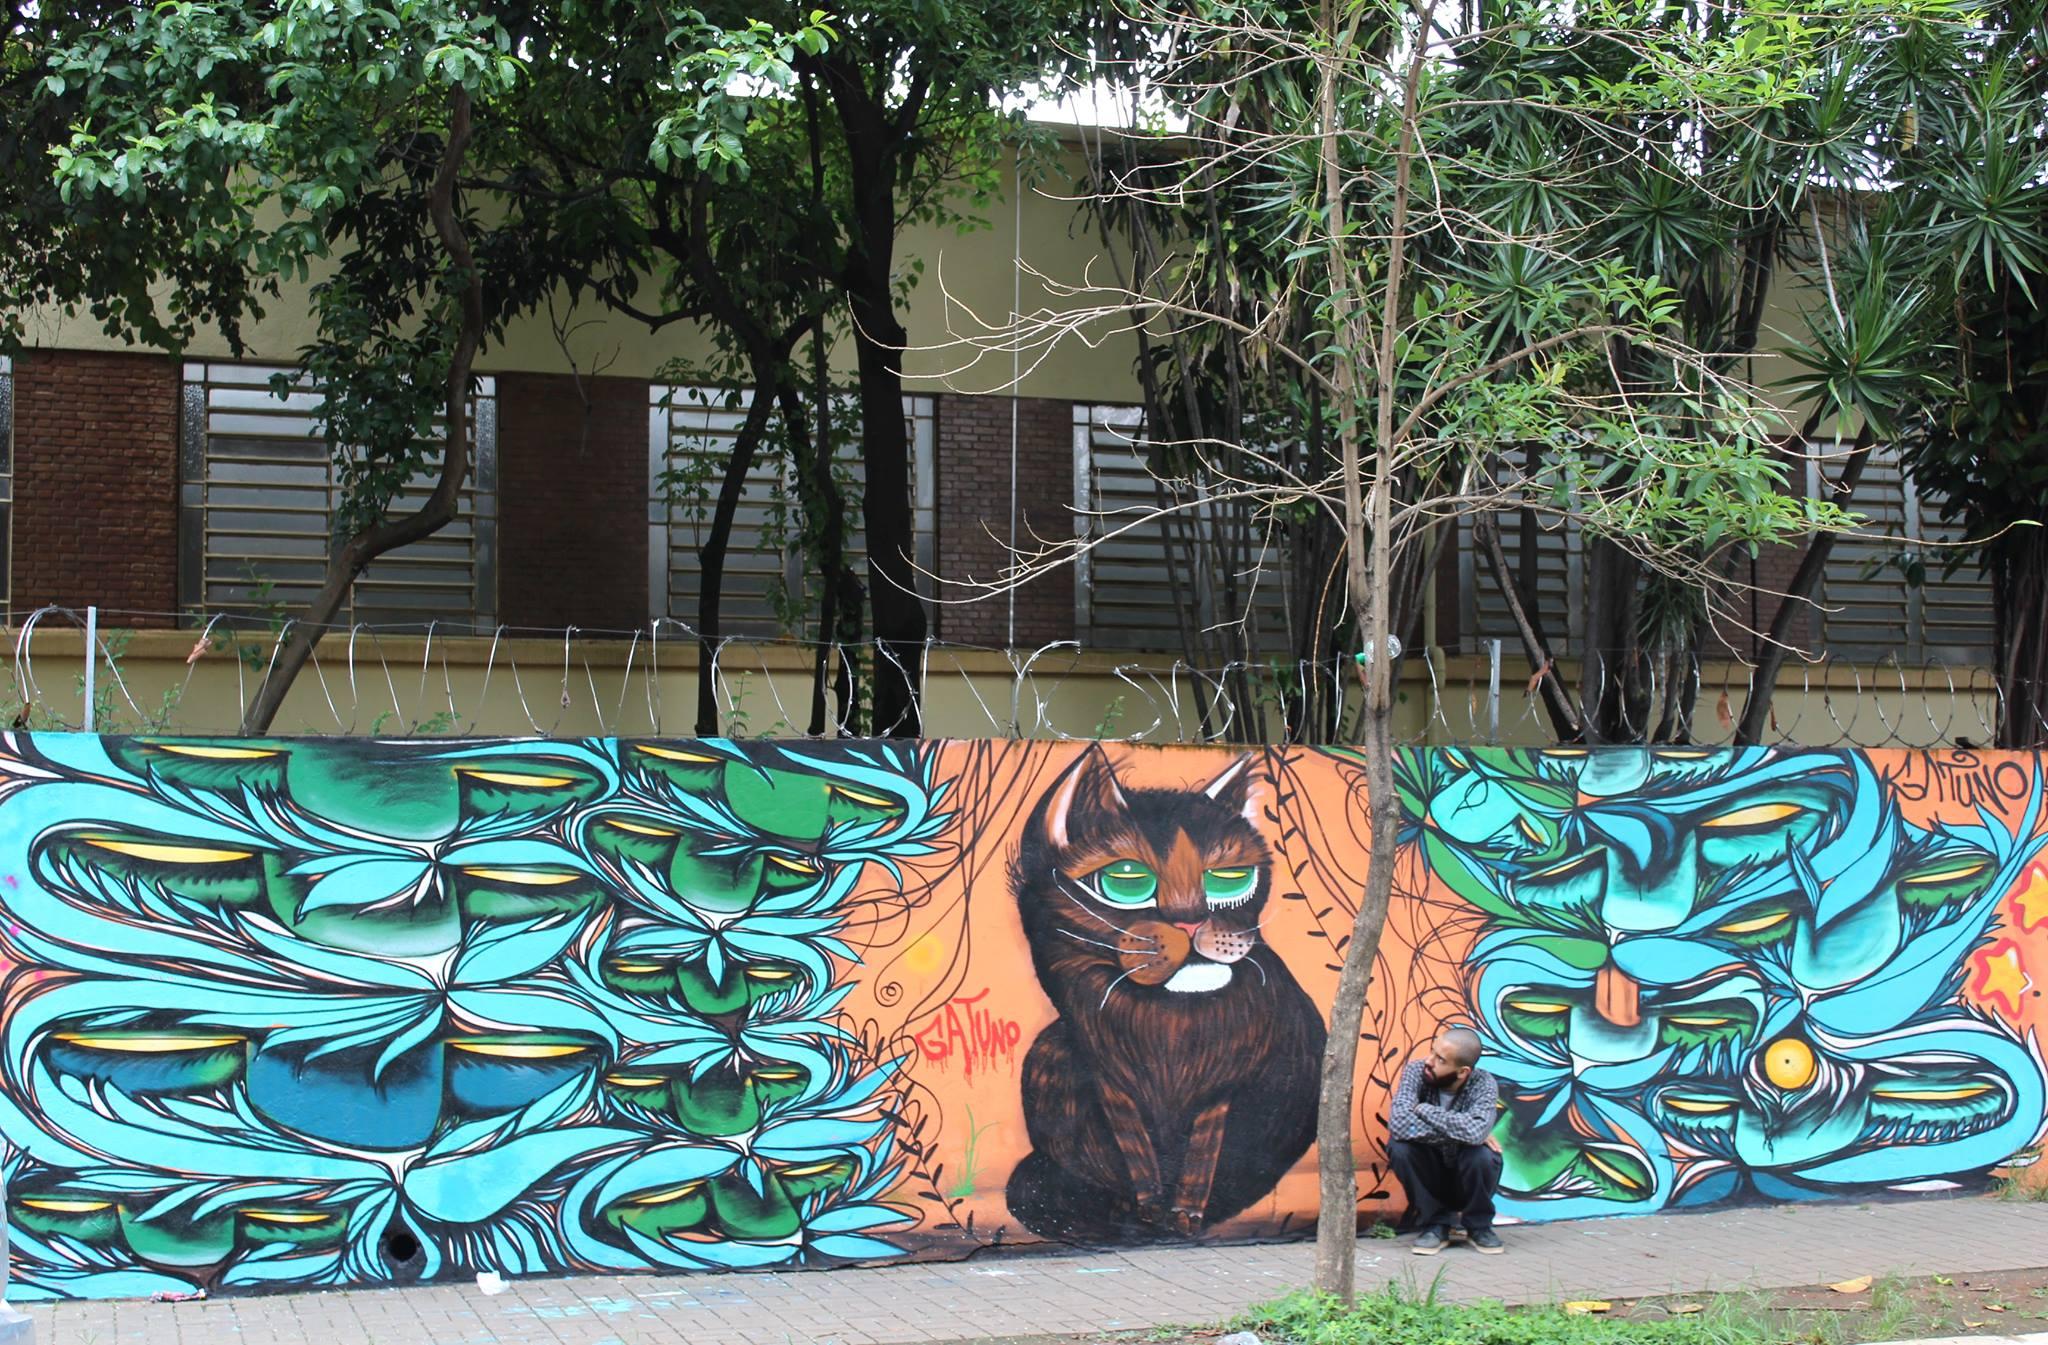 gatuno graffiti pintura escultura tattoo (27)